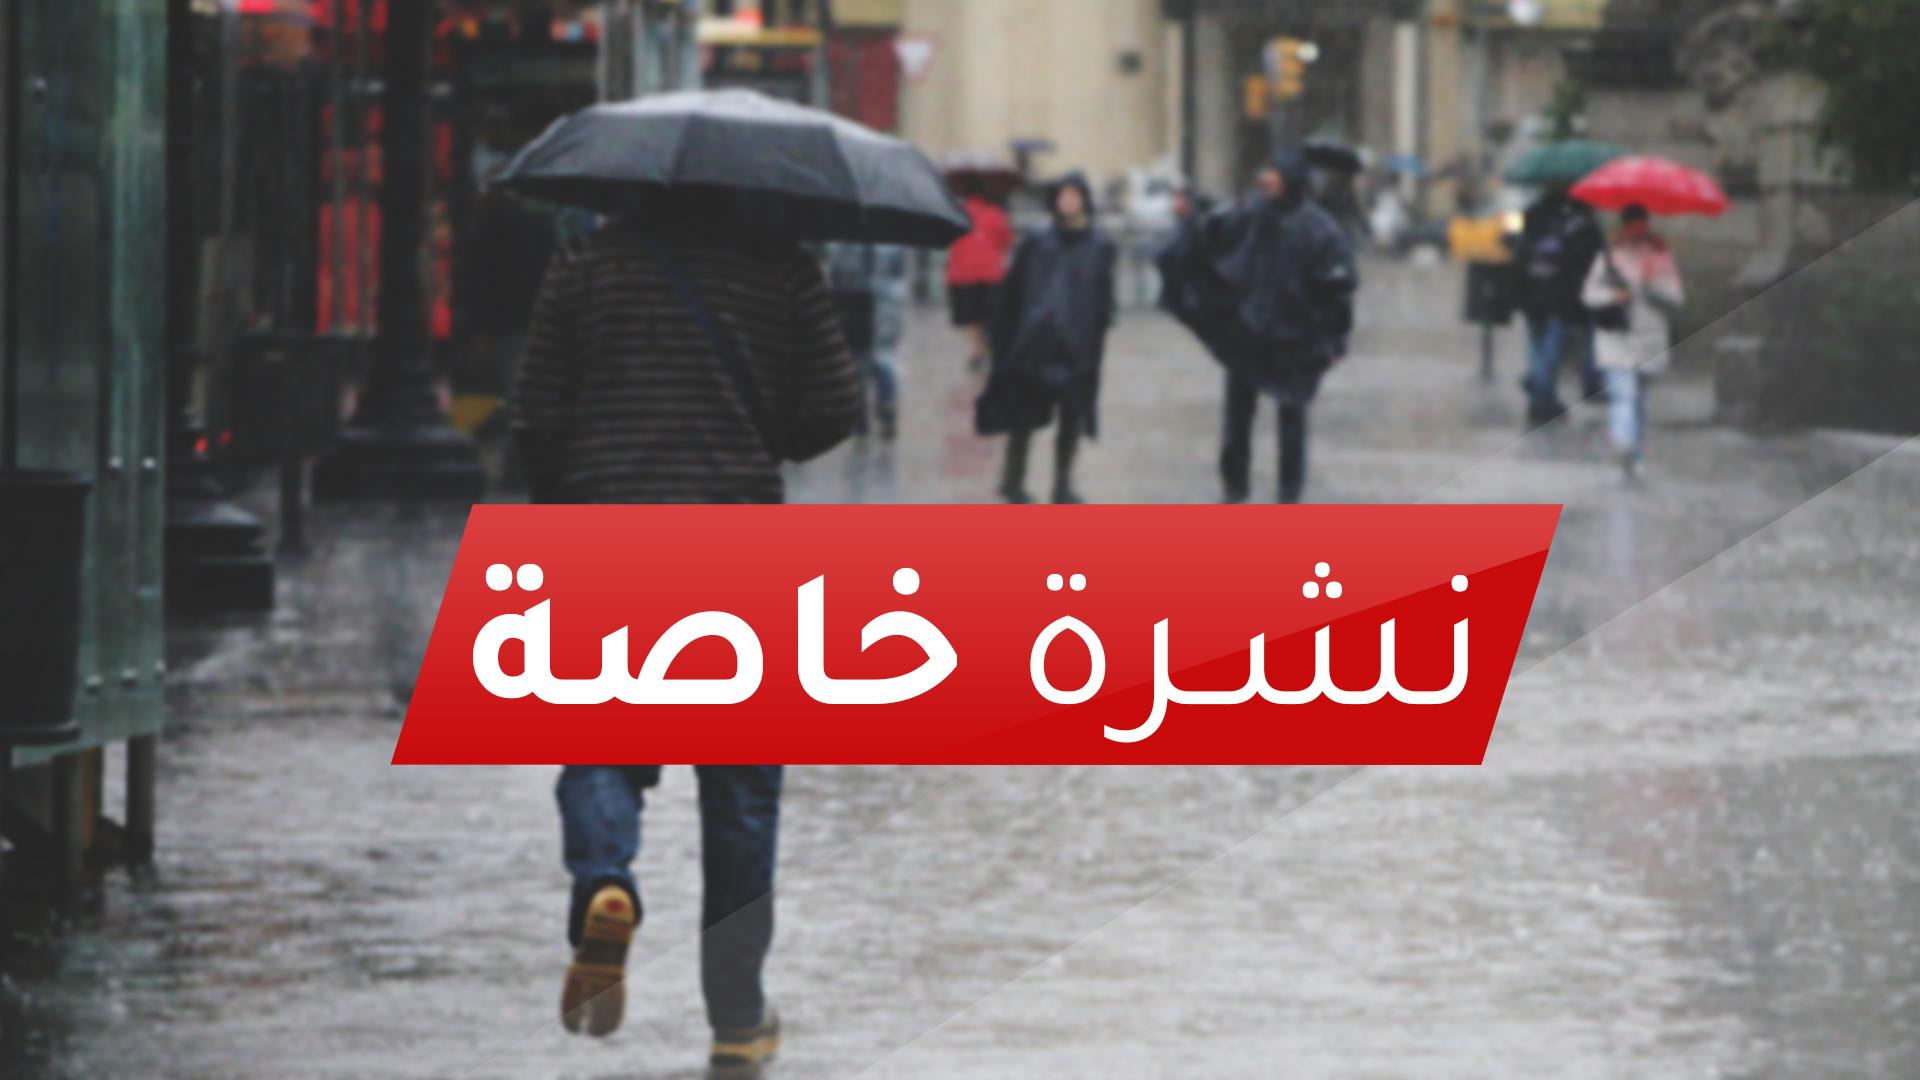 نشرة خاصة: رياح قوية وأمطار متفرقة بعدد من المناطق